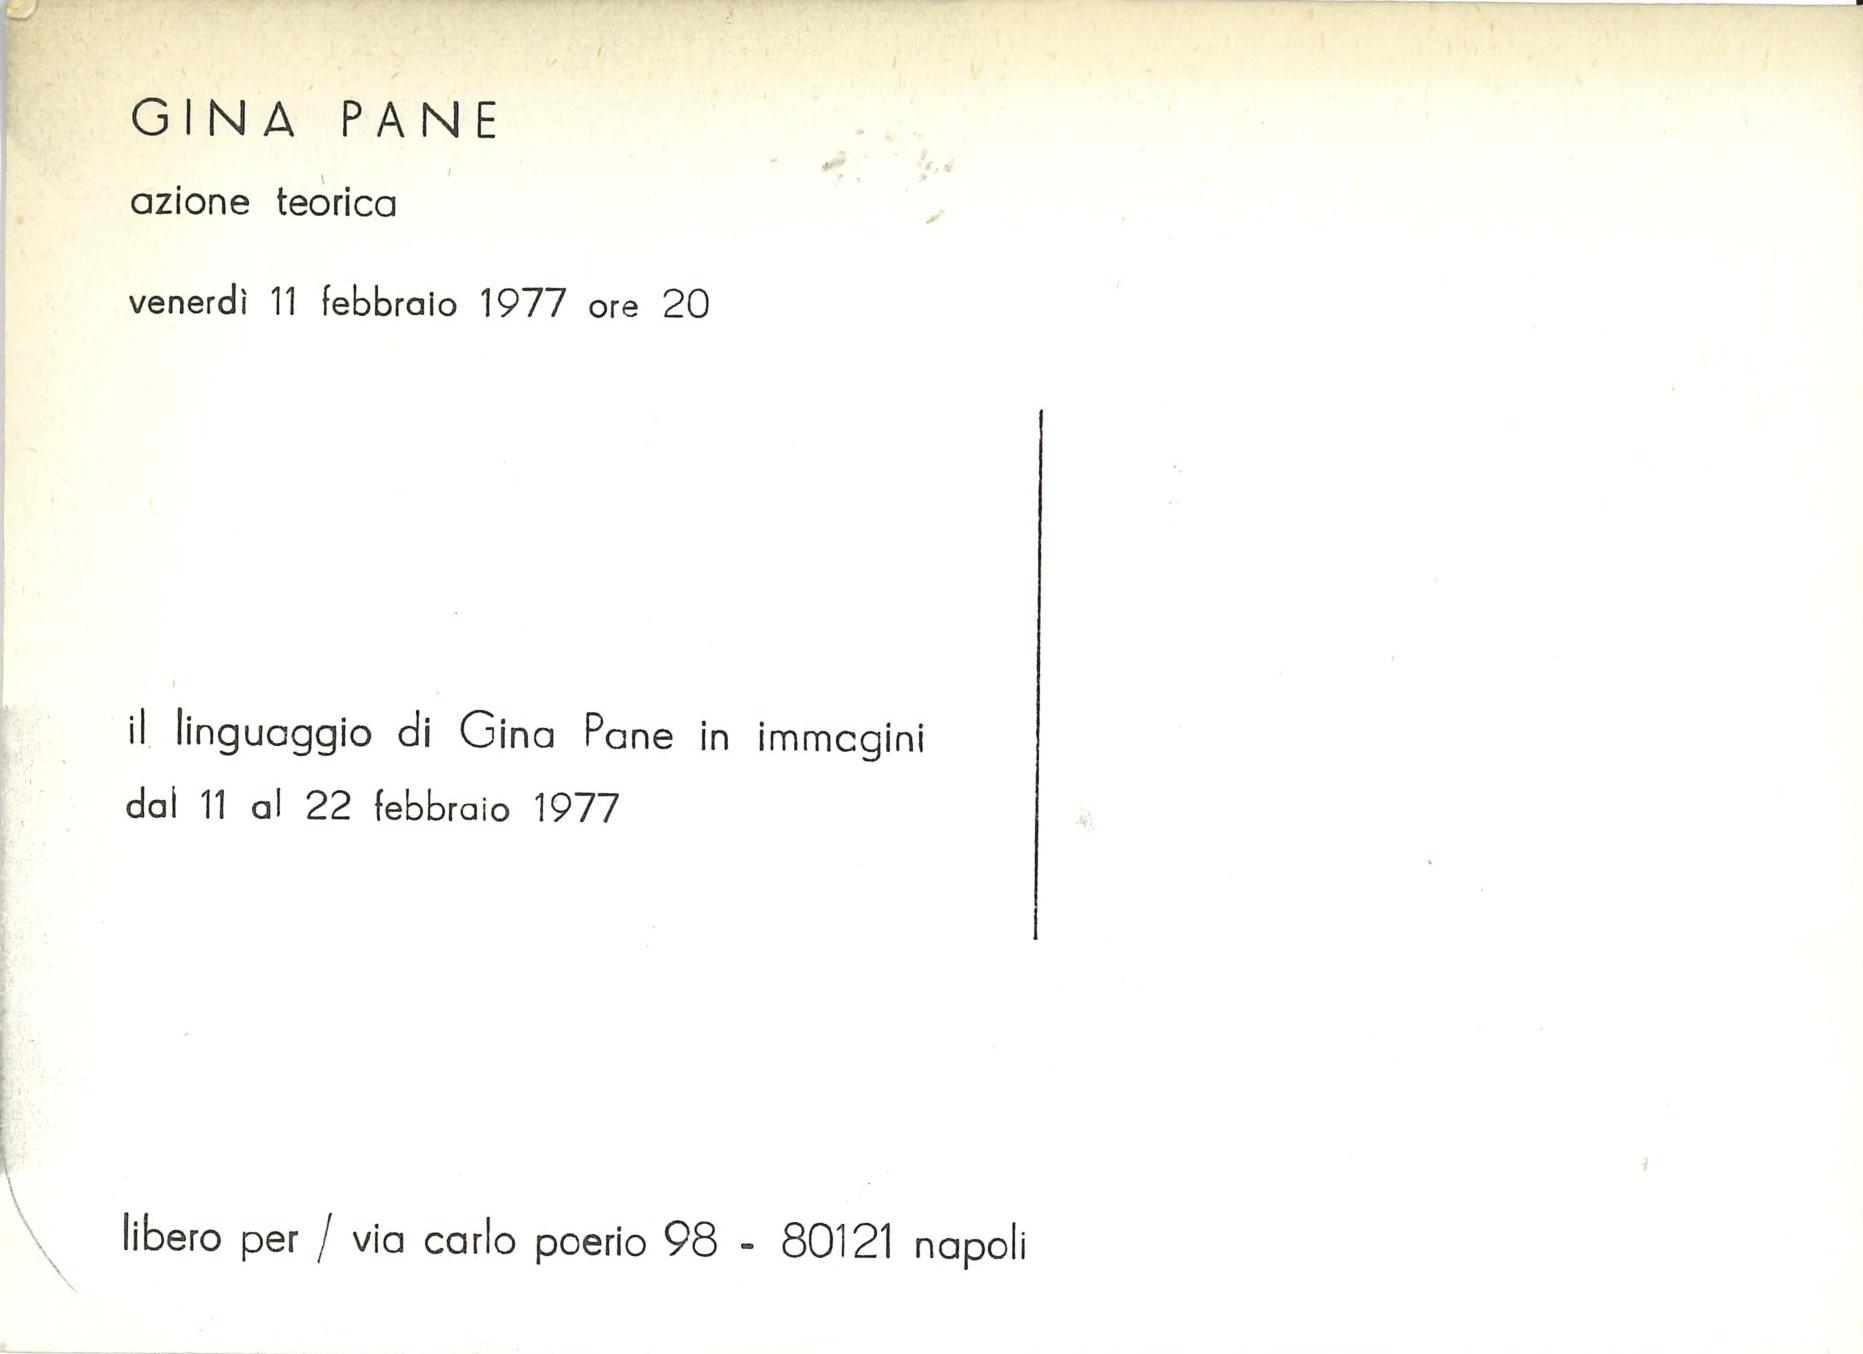 Gina Pane, AZIONE TEORICA, libero per, Napoli 1977 (invitatIon); Archiv der Avantgarden, Staatliche Kunstsammlungen Dresden; © VG Bild-Kunst, Bonn